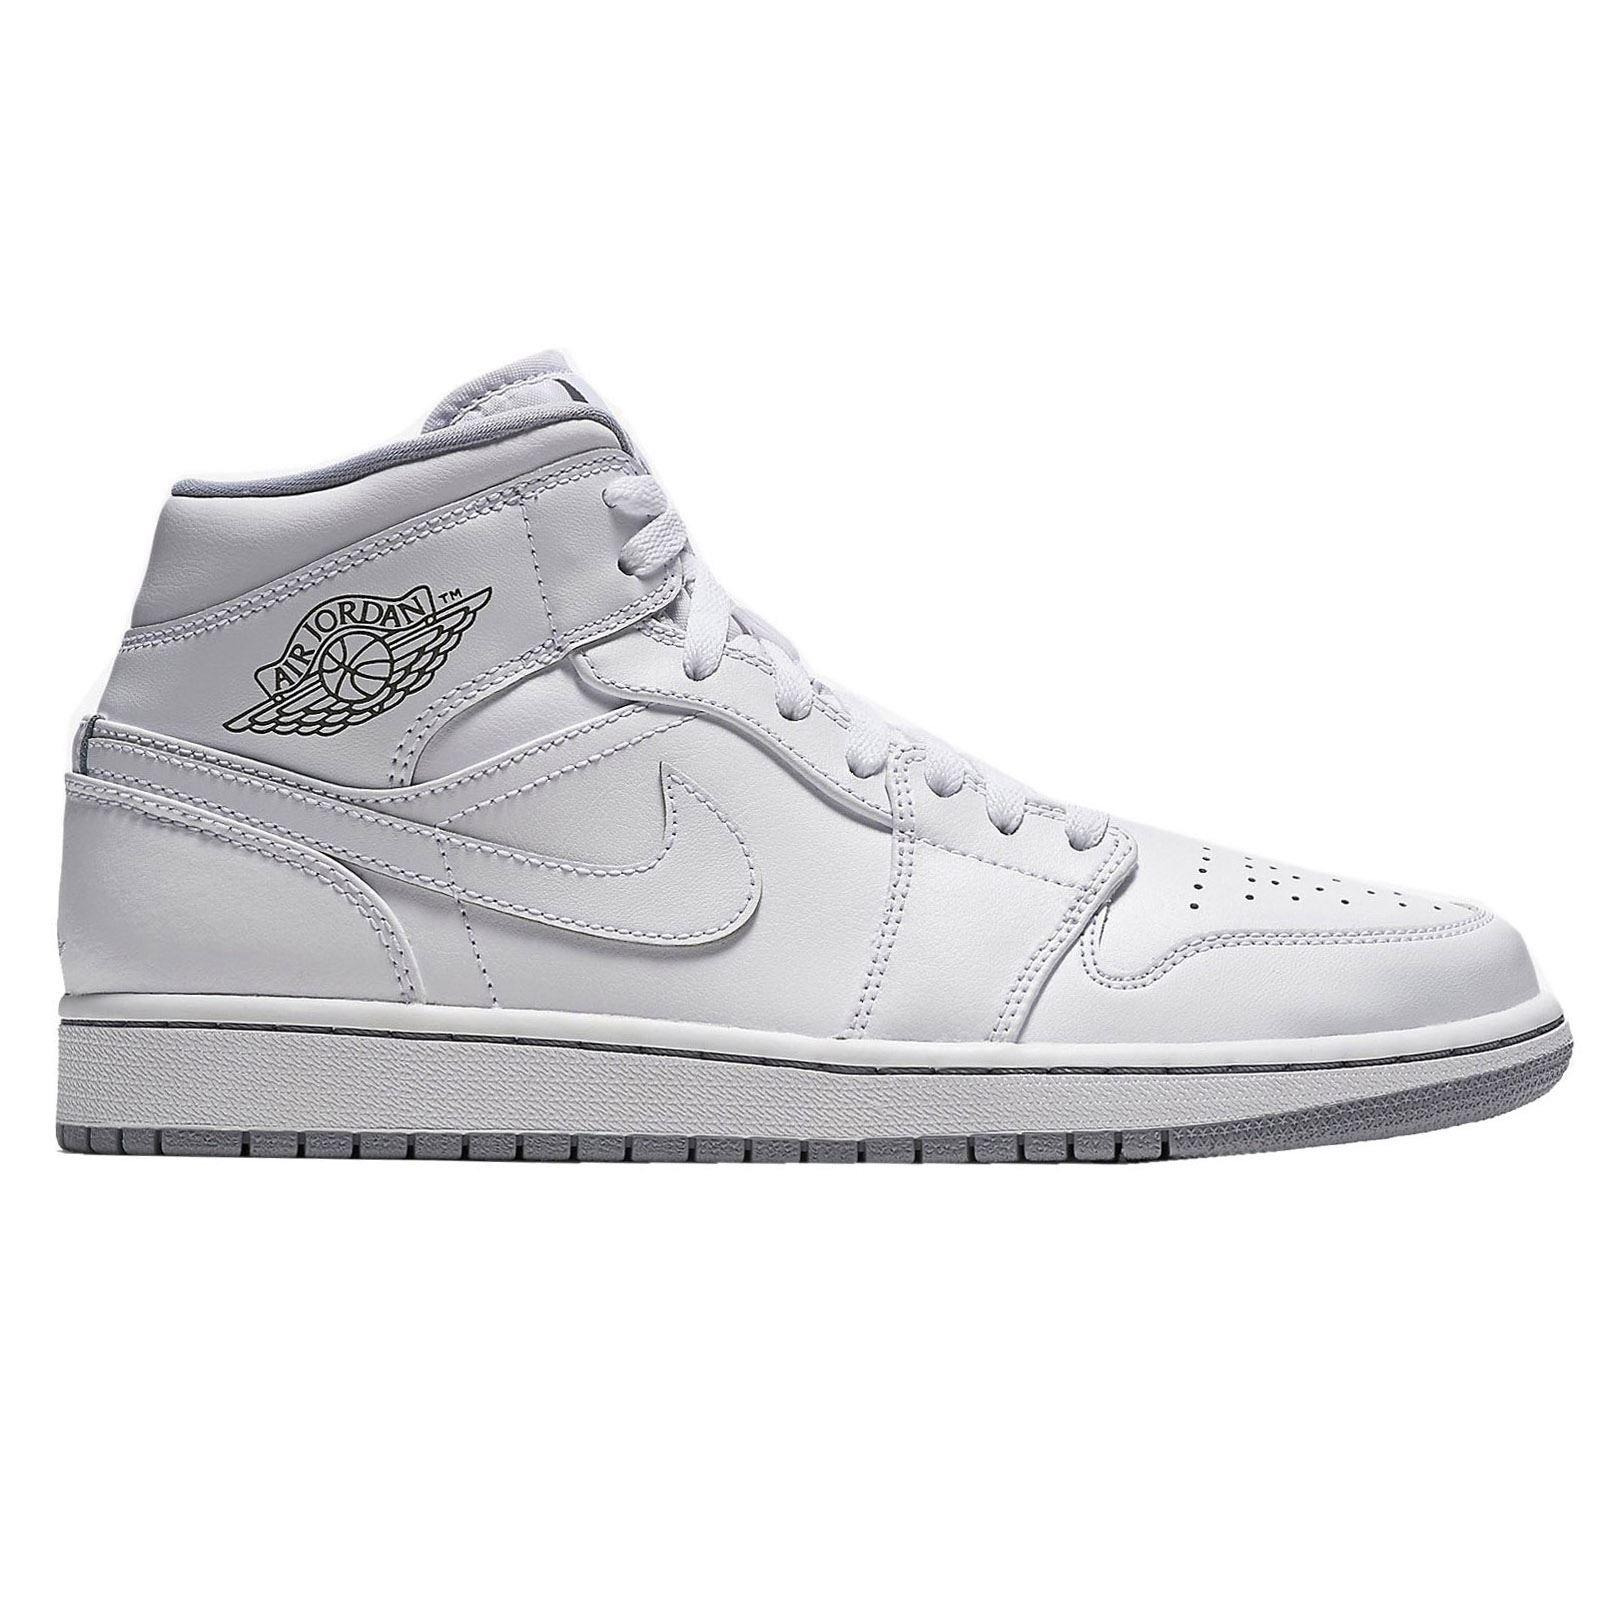 Nike Air Jordan I Mid - 554725112 - Color White - Size: 4.5